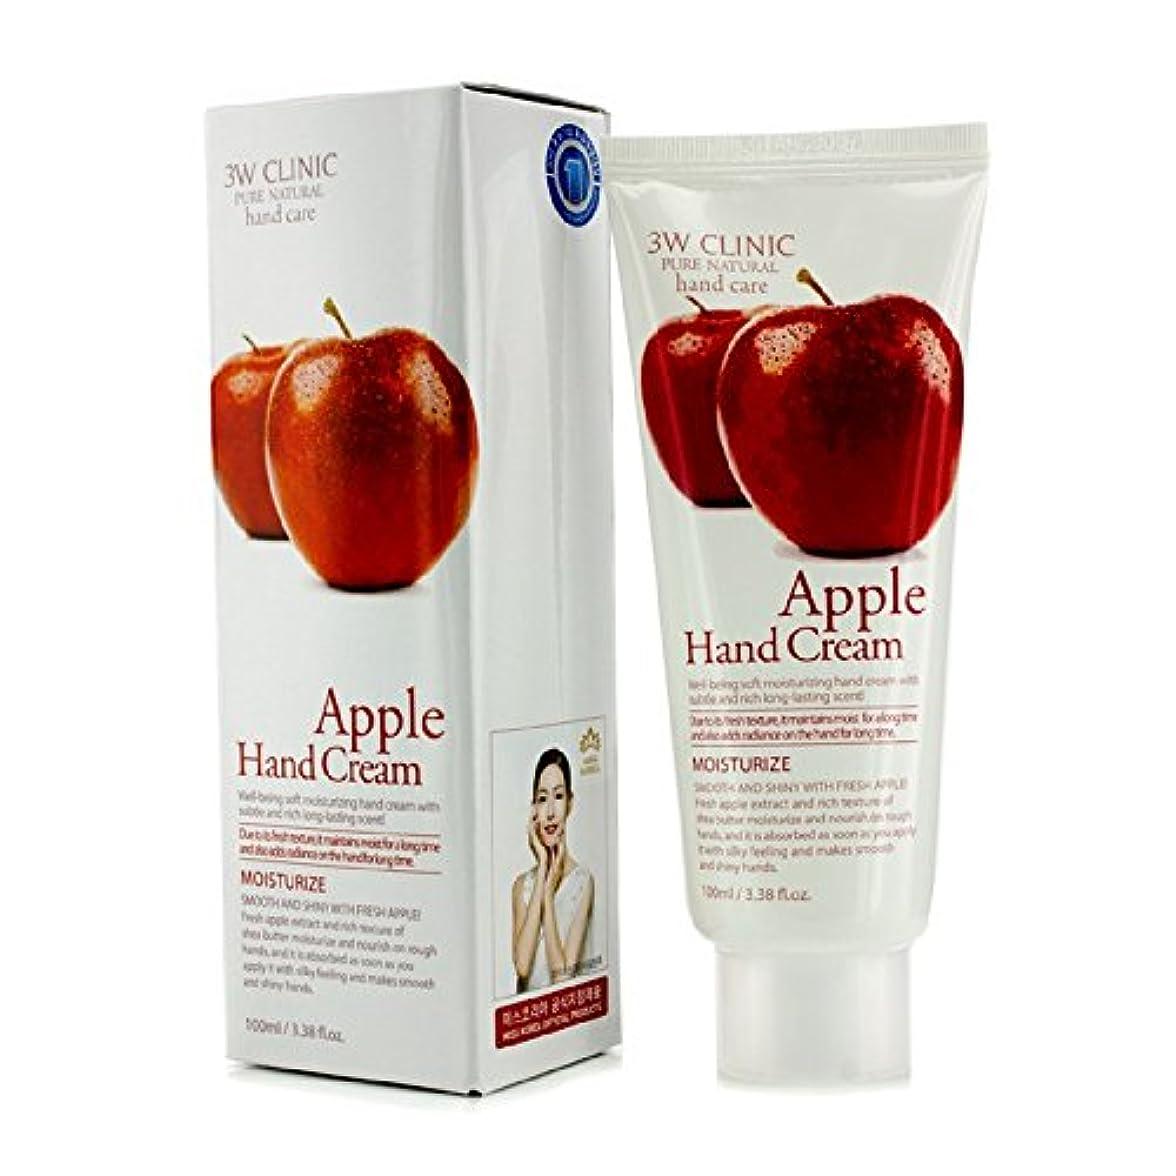 振る舞い首尾一貫したずっと3Wクリニック Hand Cream - Apple 100ml/3.38oz並行輸入品